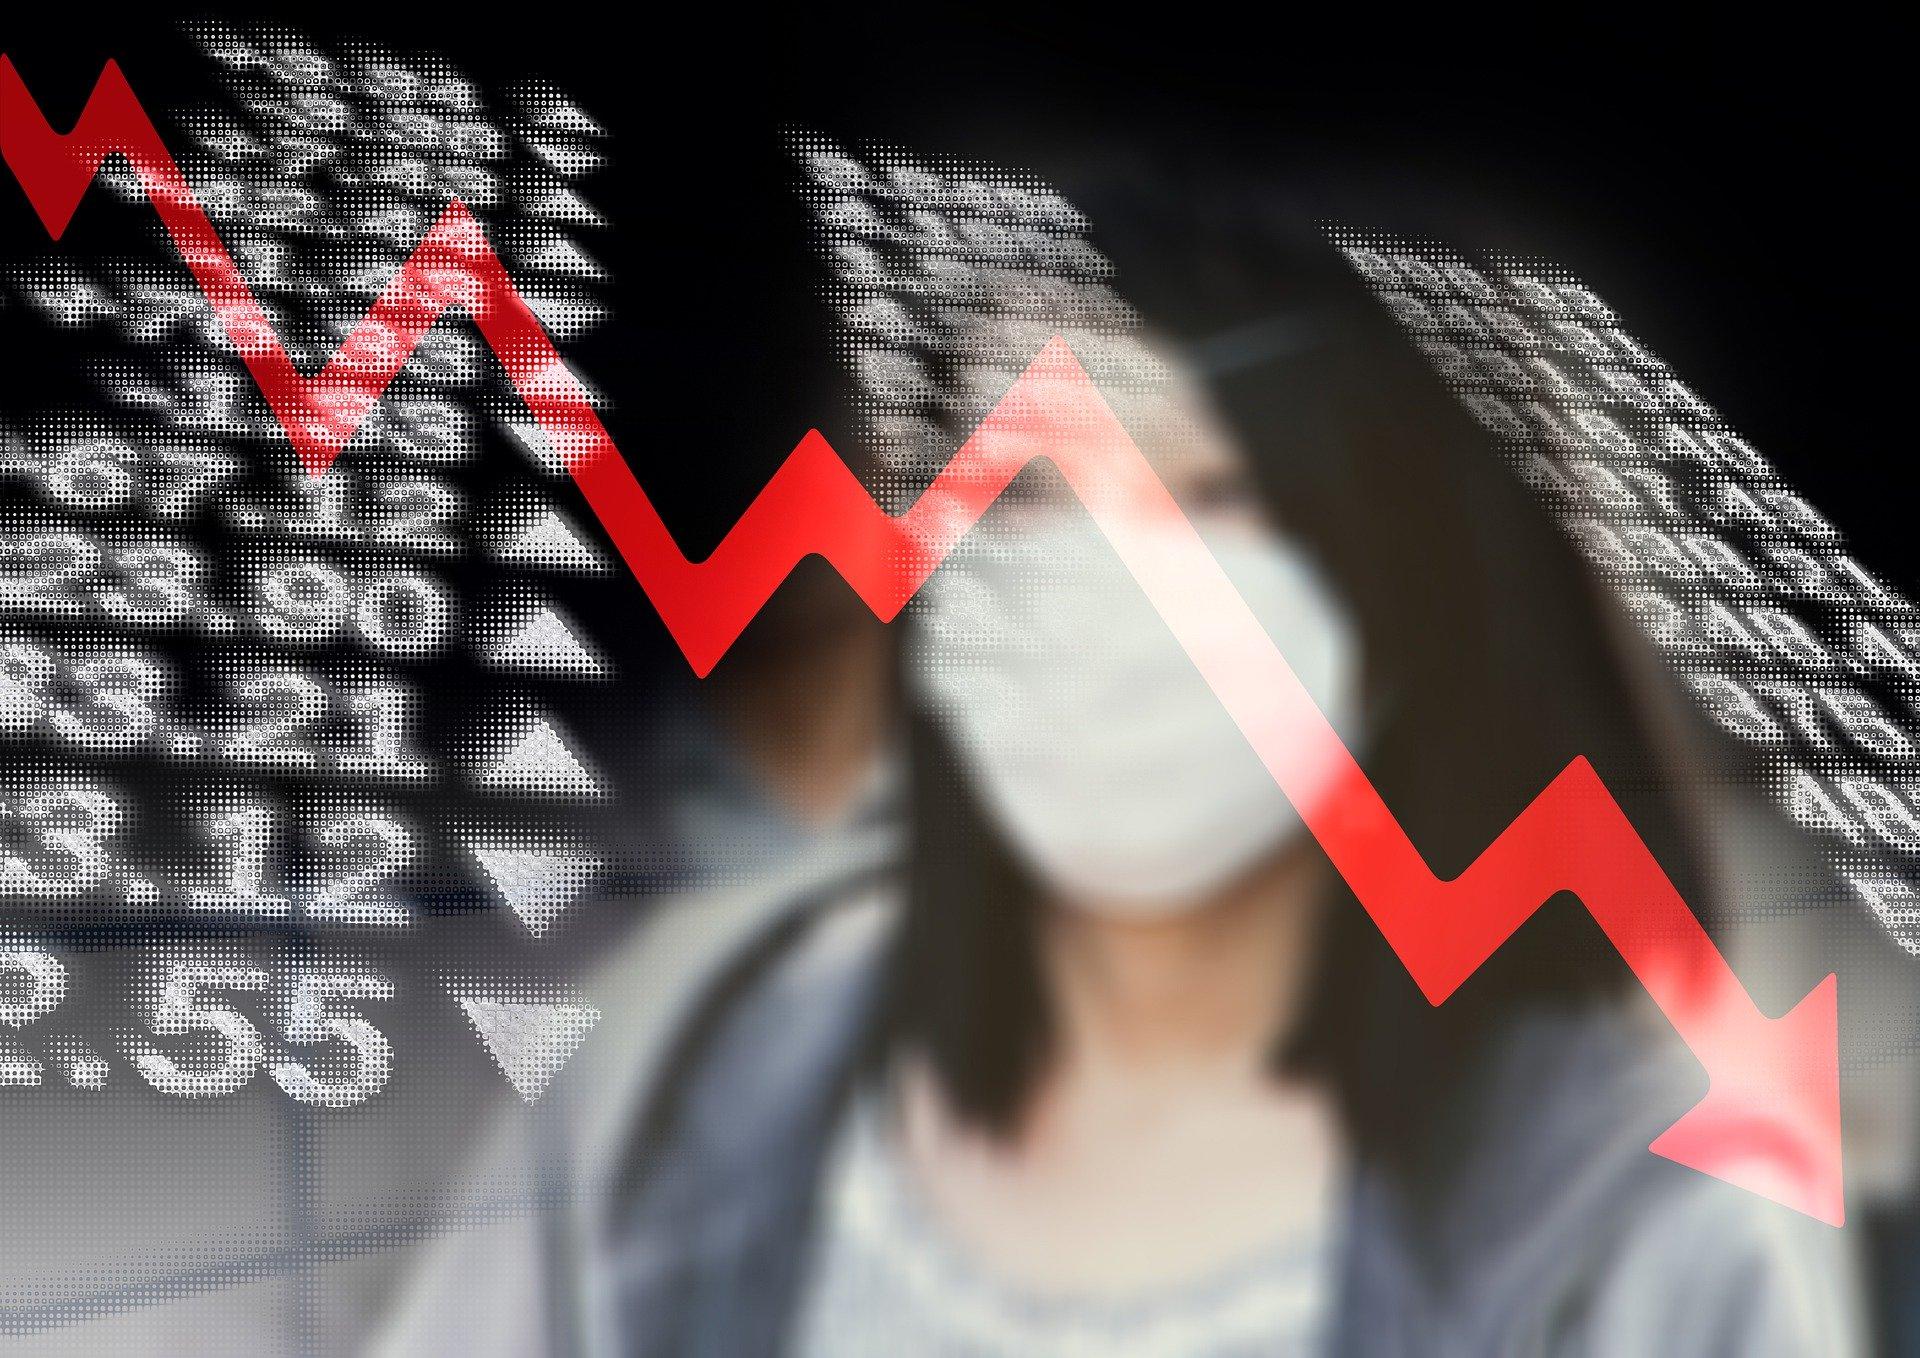 A Sua Empresa Está Preparada Para Uma Crise?